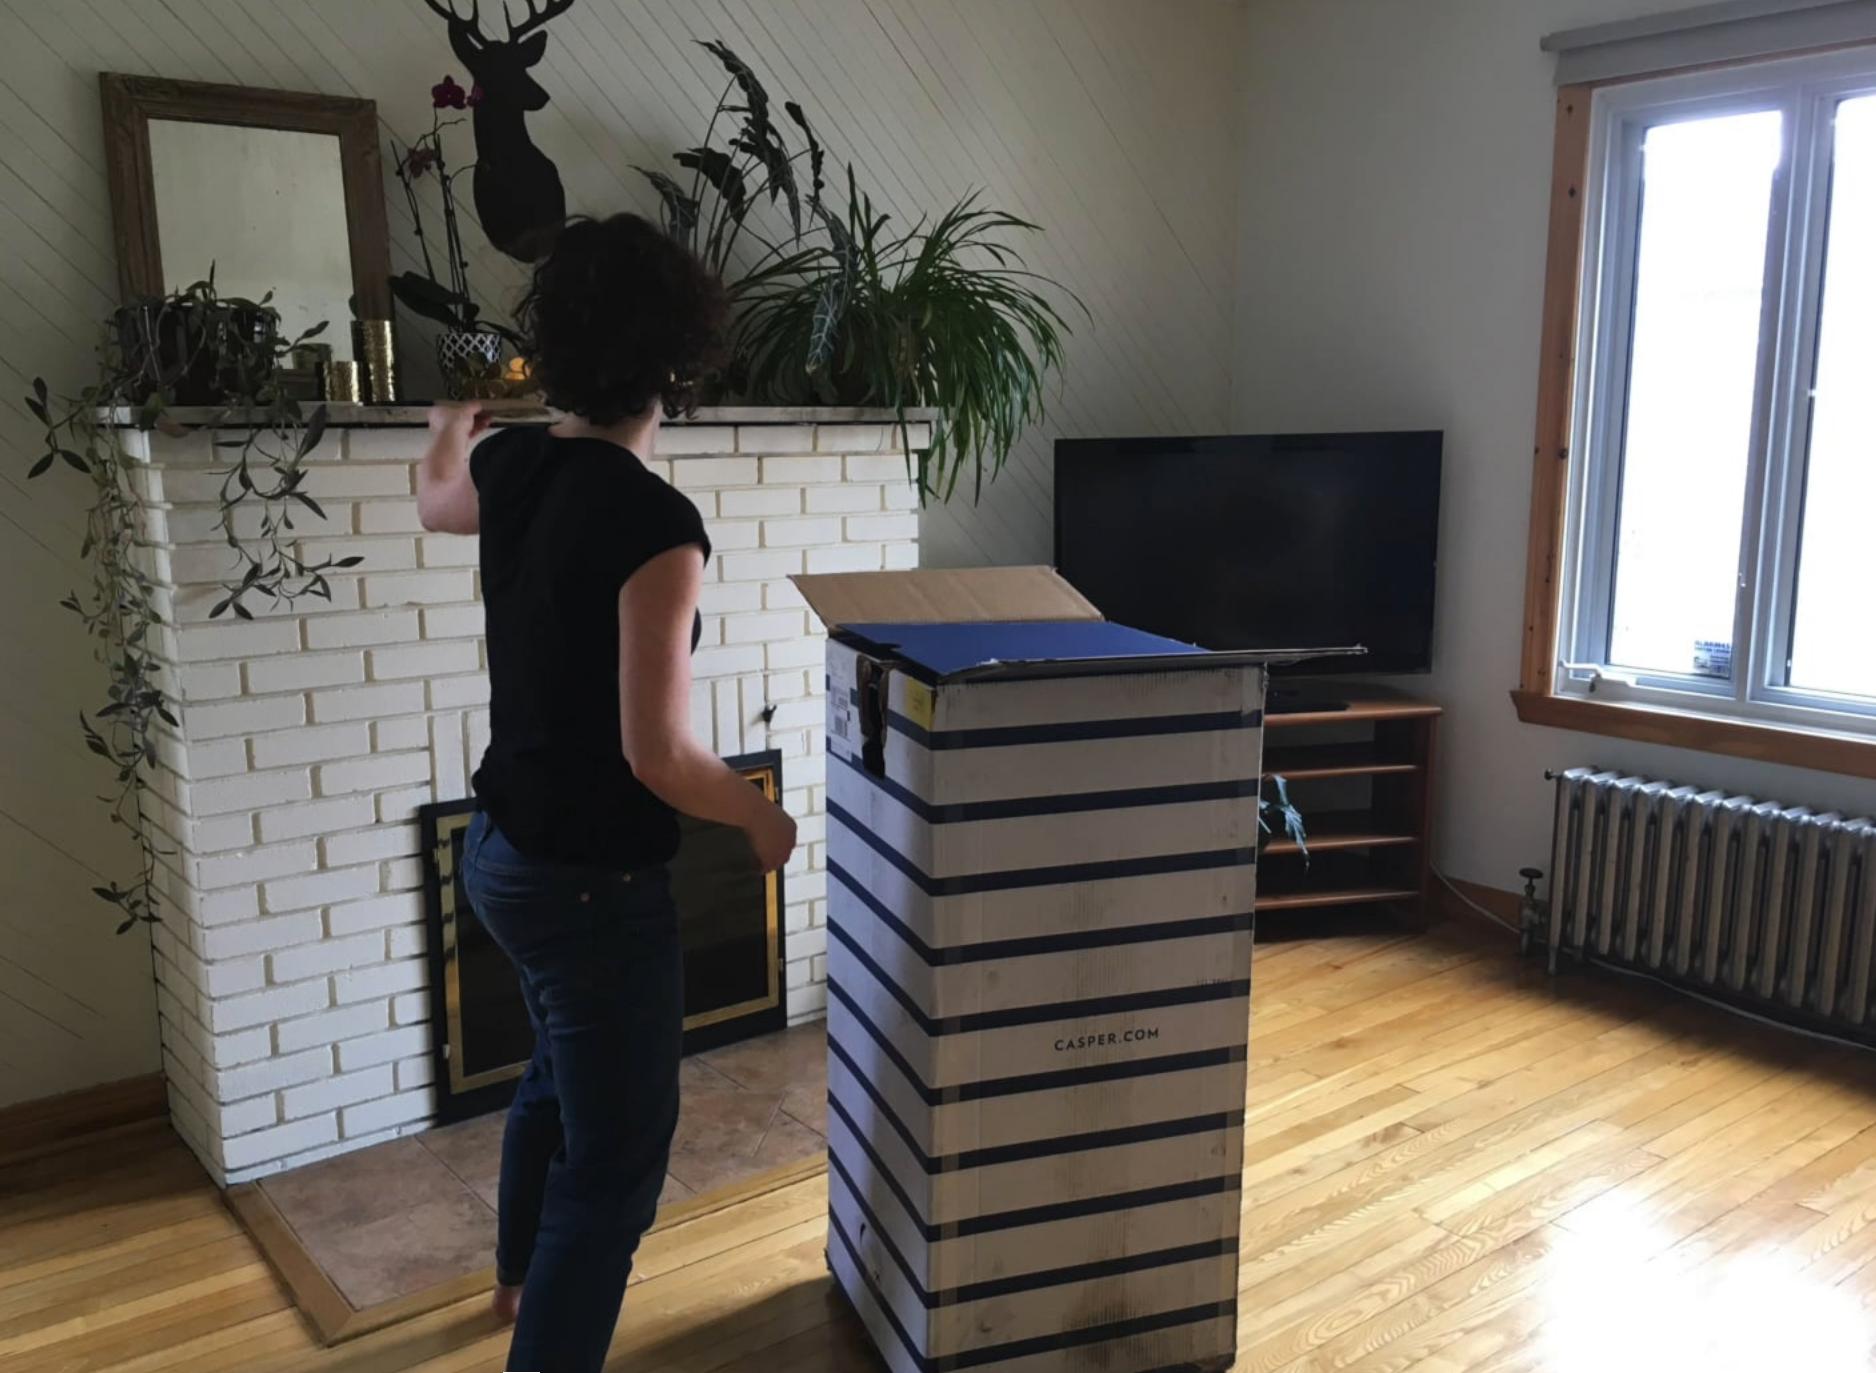 combien coute une maison pr fabriqu e avie home. Black Bedroom Furniture Sets. Home Design Ideas